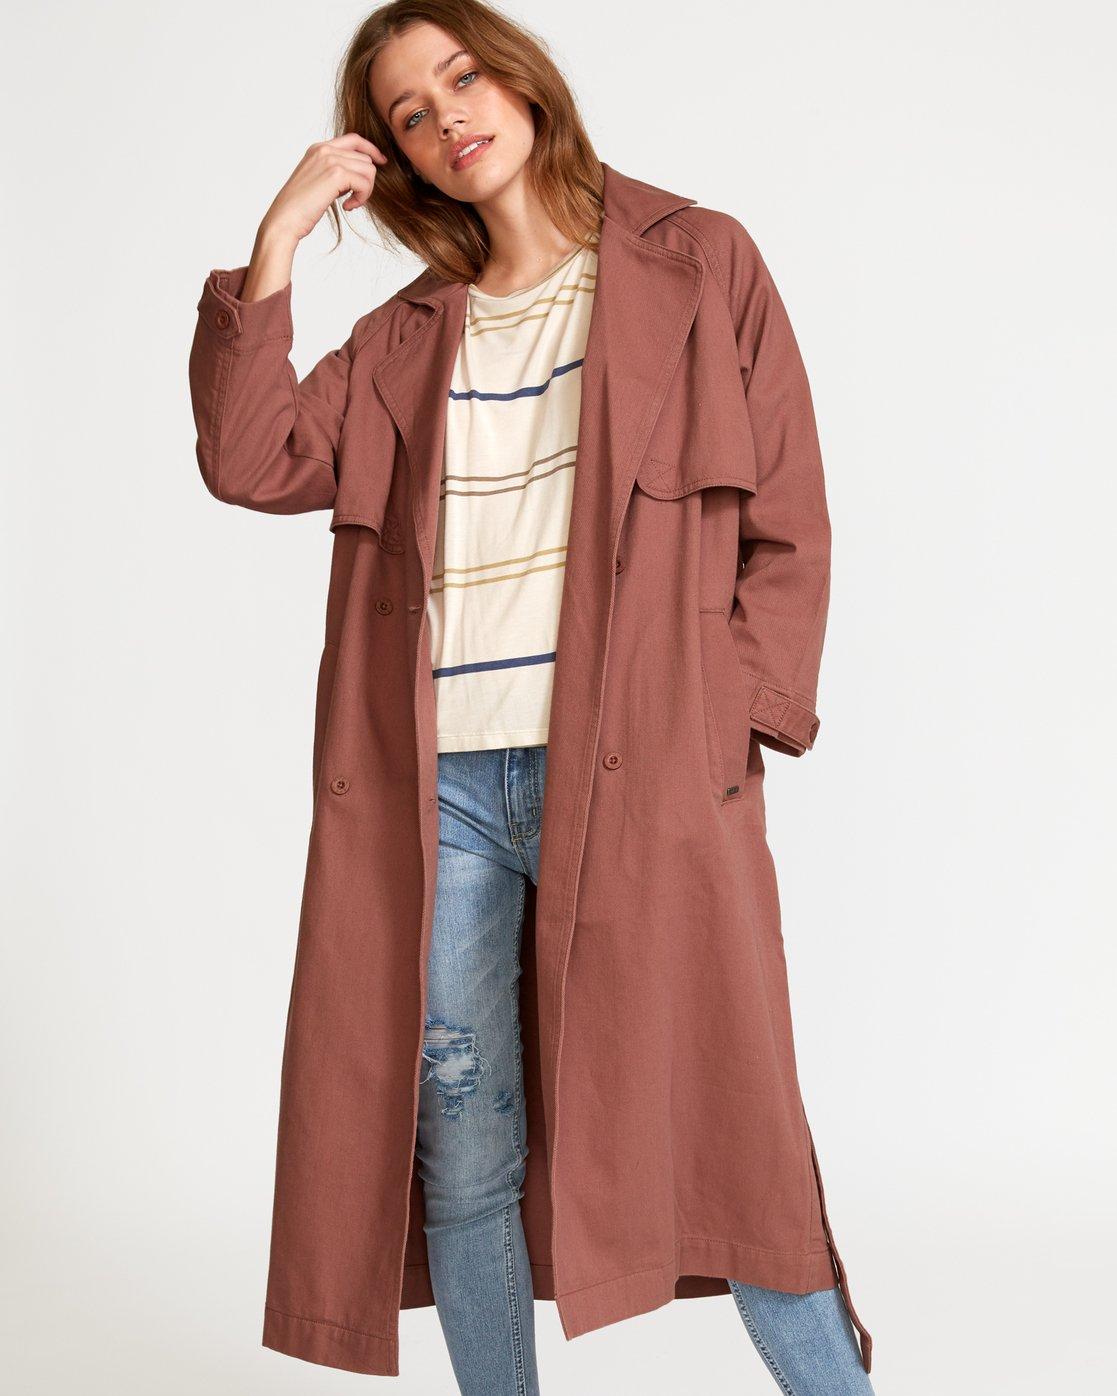 0 Larson  - Manteau Trench Coat pour Femme  Q3JKRHRVF9 RVCA